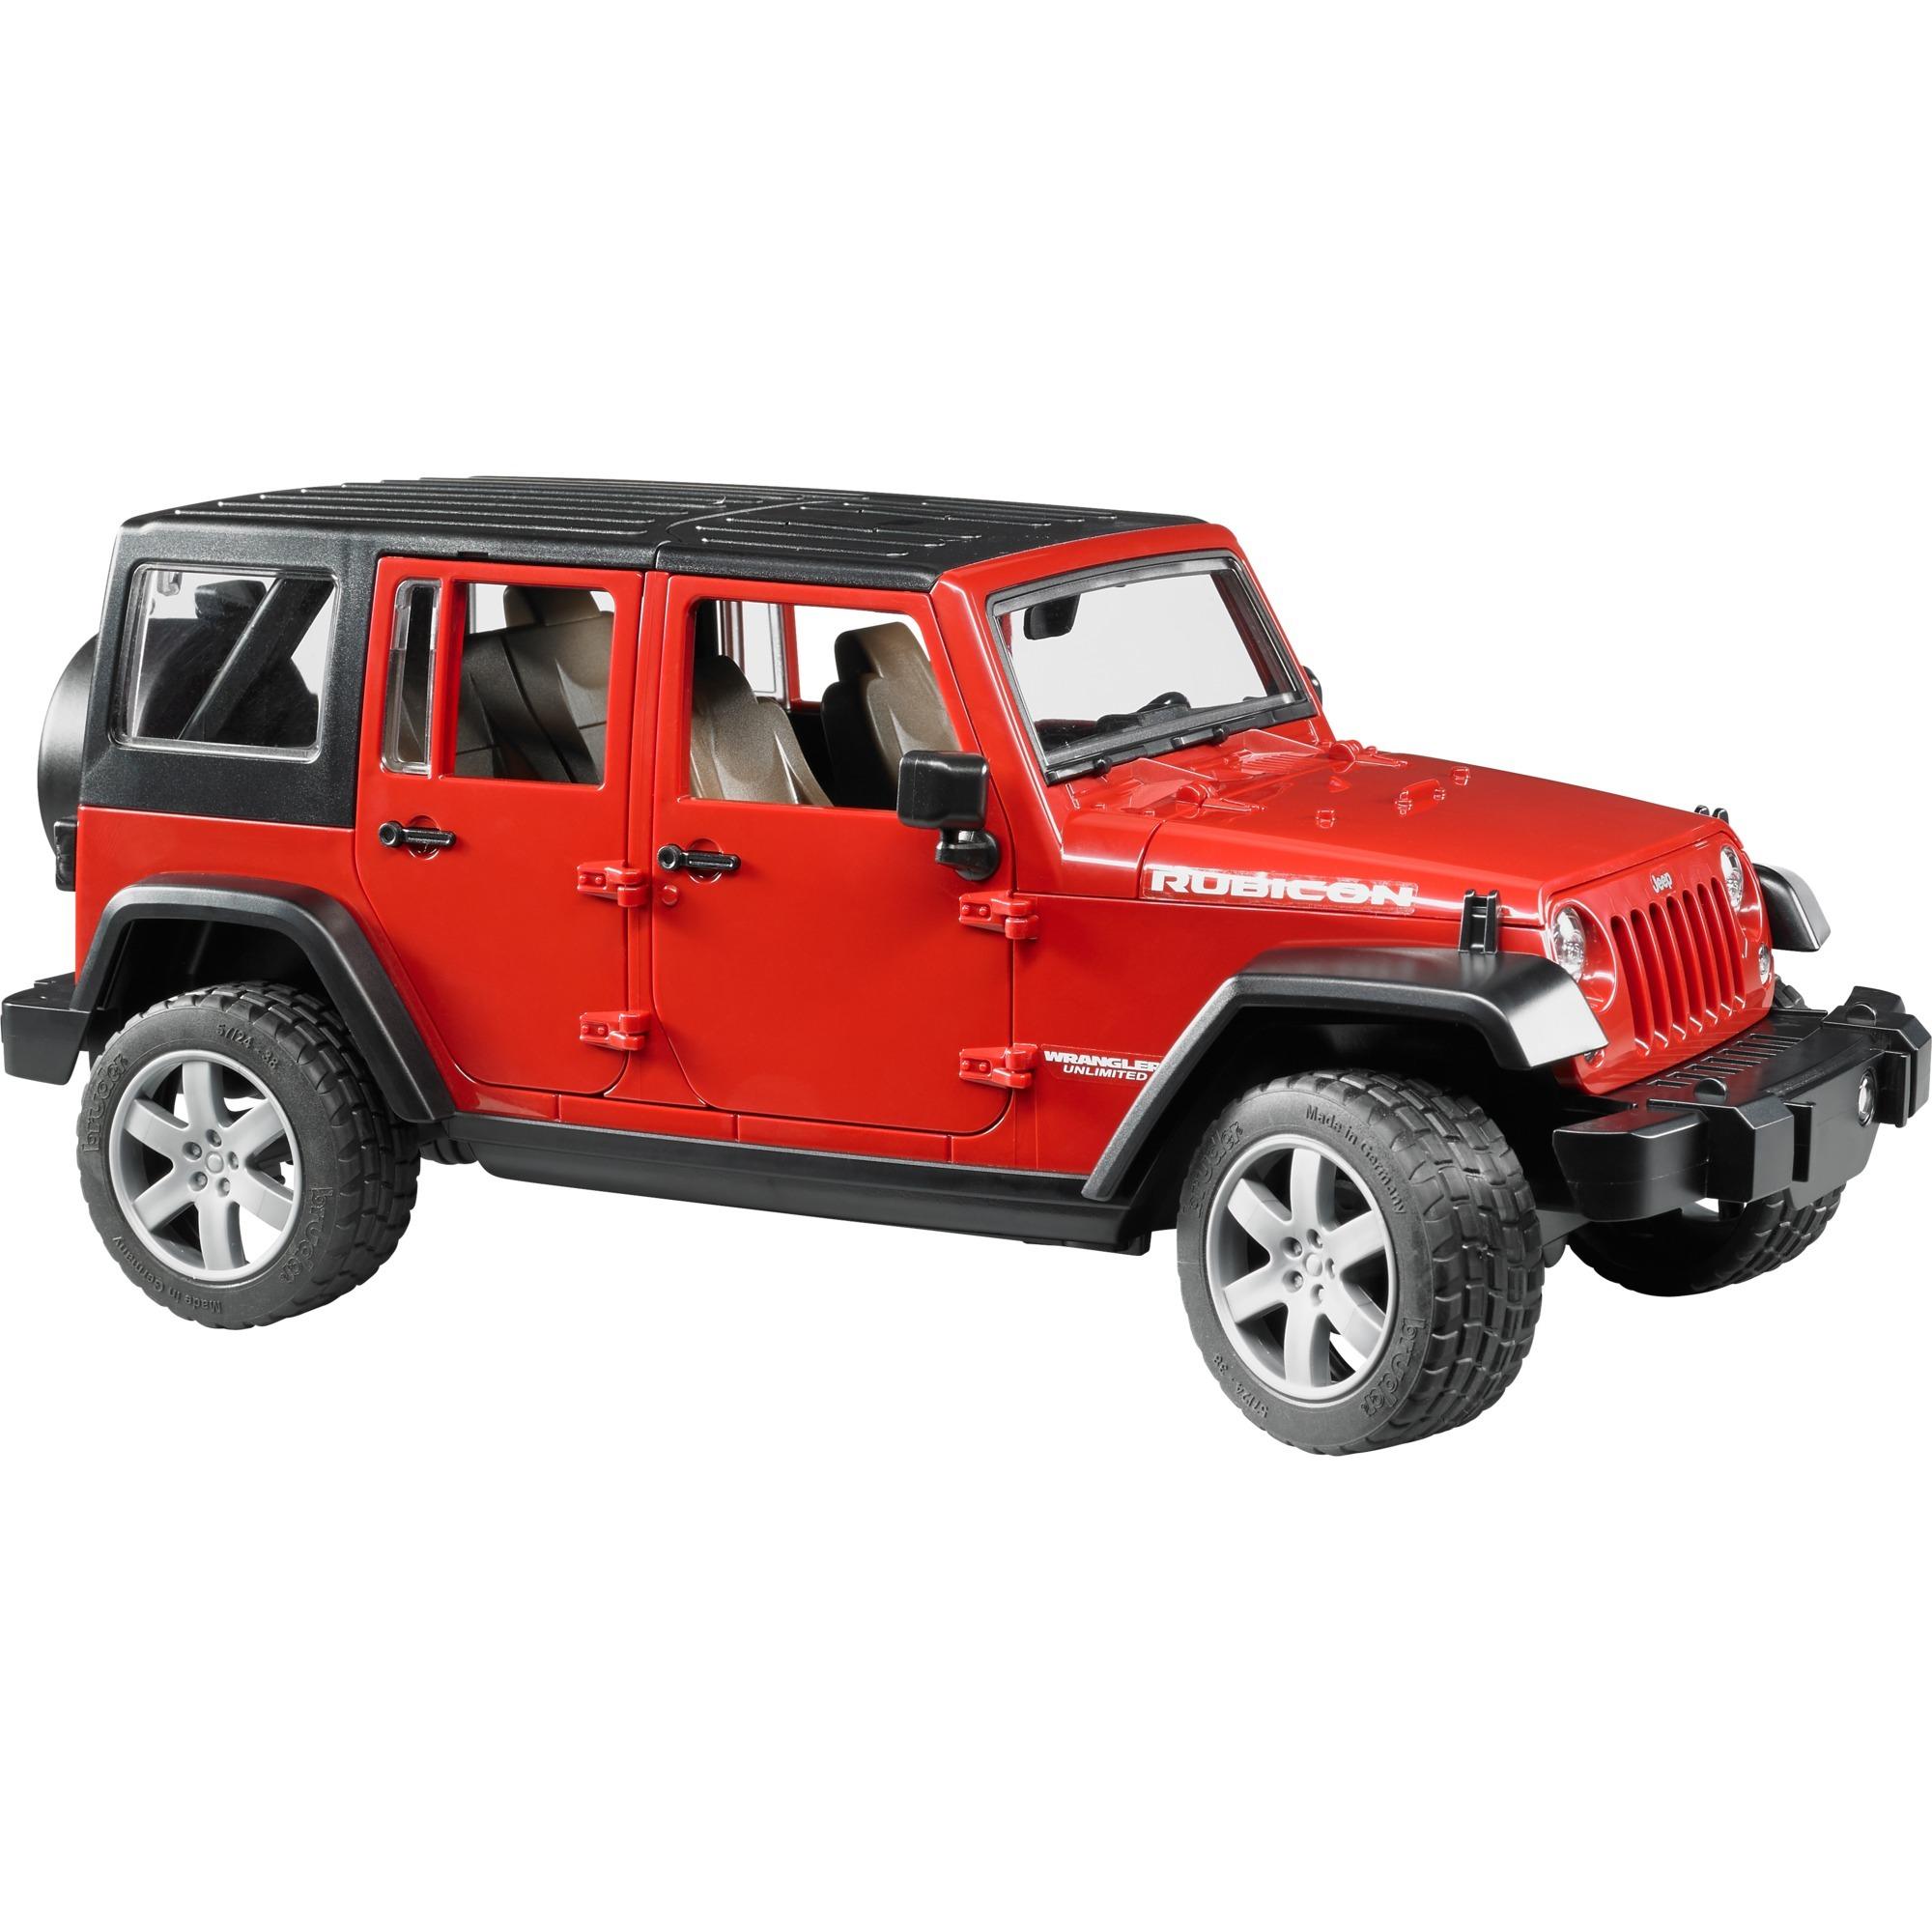 02525 modelo de vehículo de tierra Previamente montado Modelo a escala de coche todoterreno 1:16, Automóvil de construcción